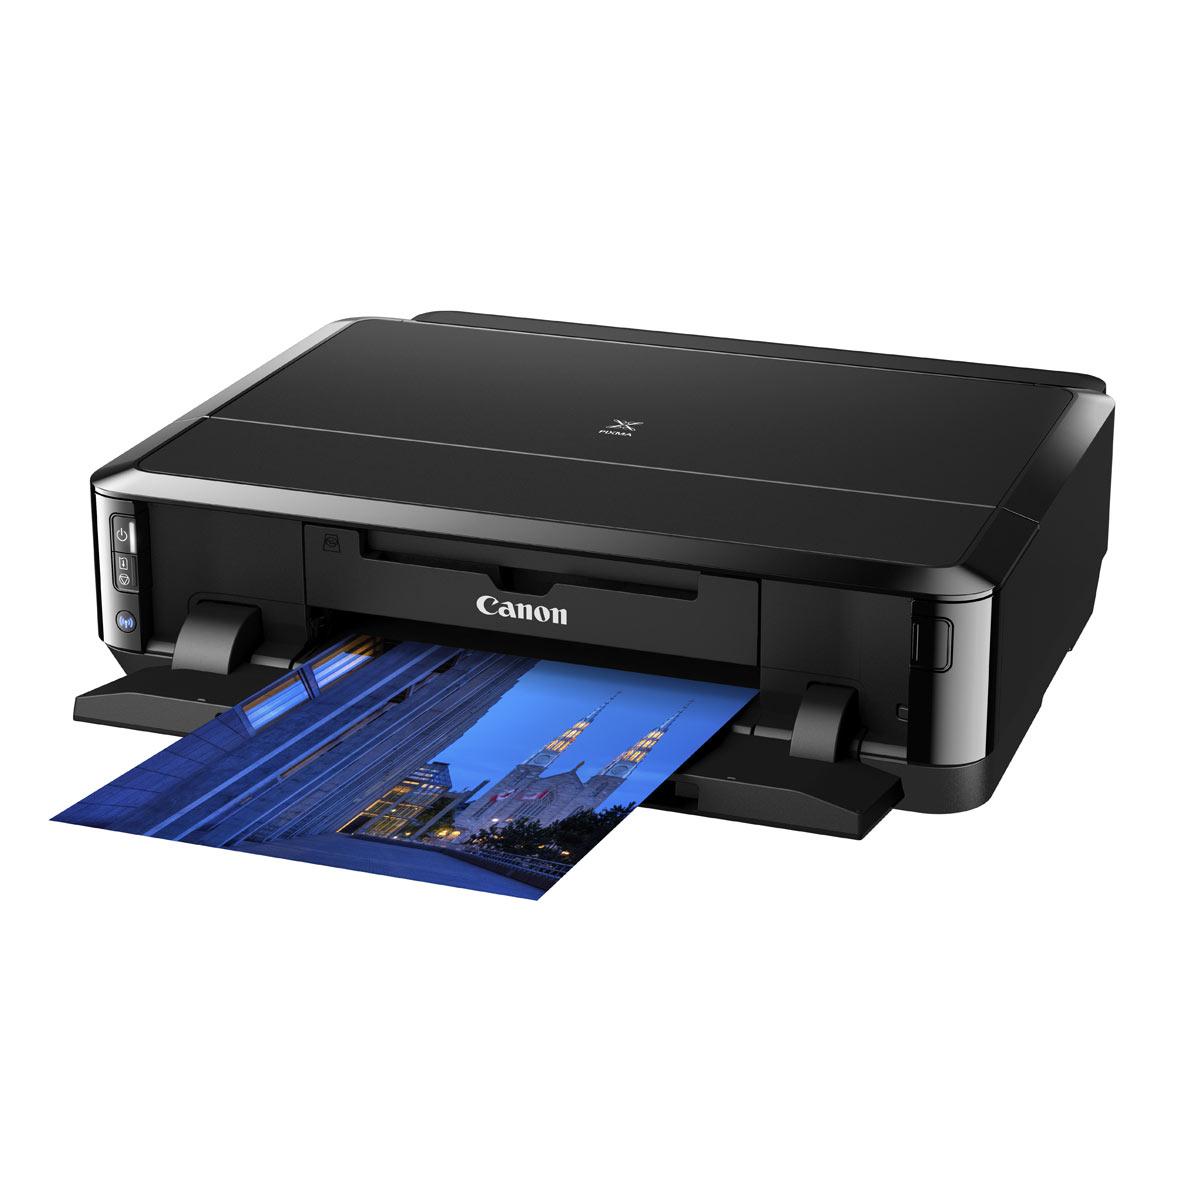 Imprimante jet d'encre Canon PIXMA iP7250 Imprimante jet d'encre (USB 2.0/Wi-Fi)